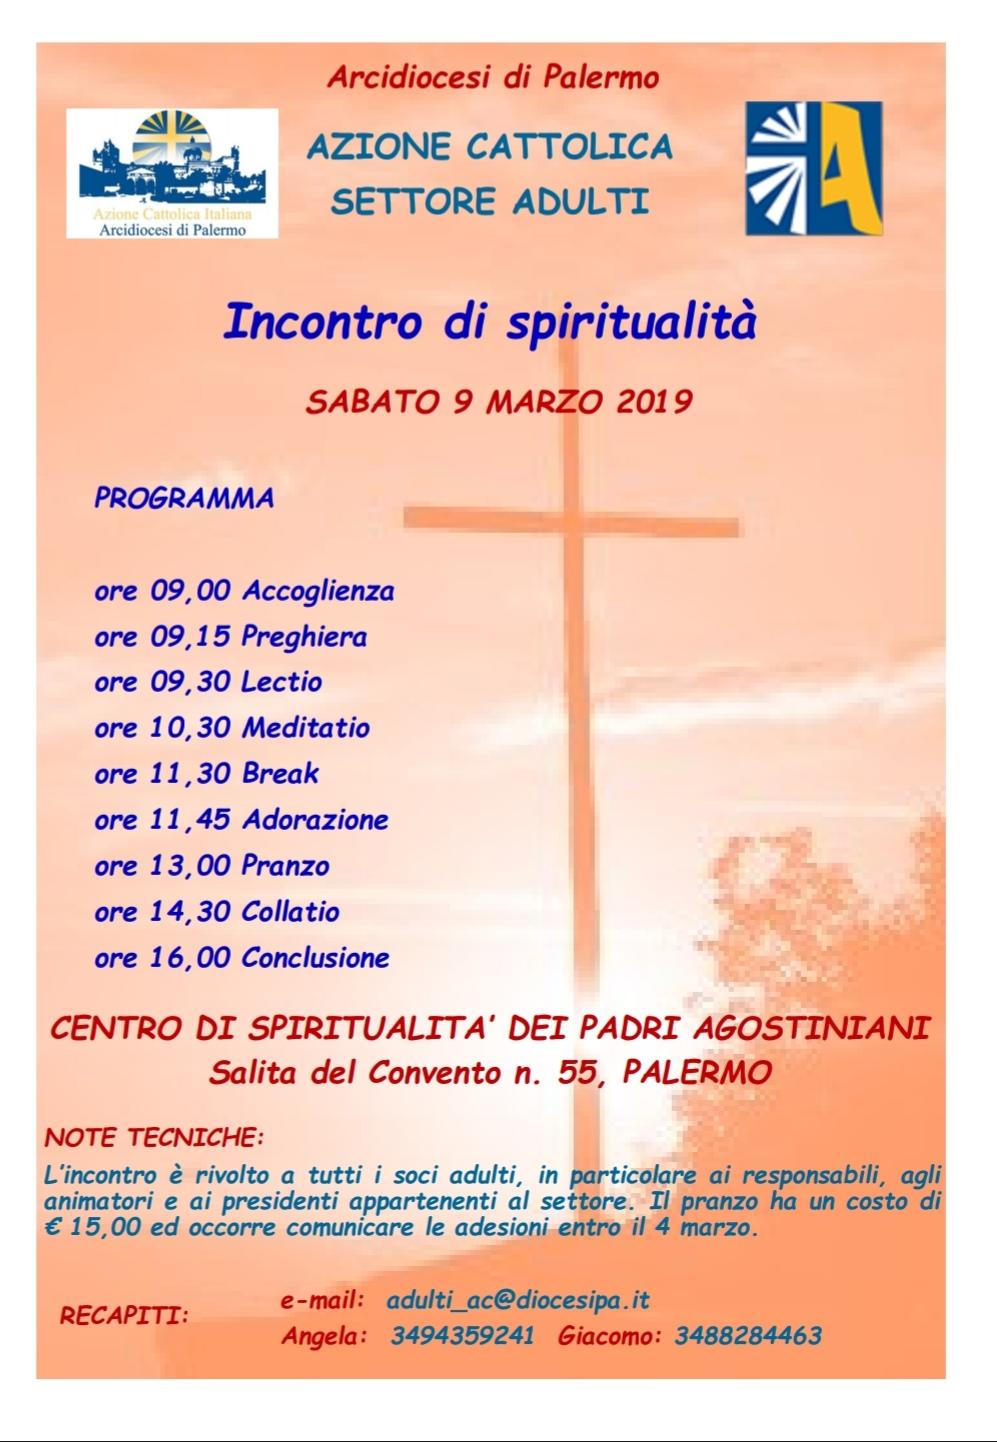 Incontro di Spiritualita' per Adulti